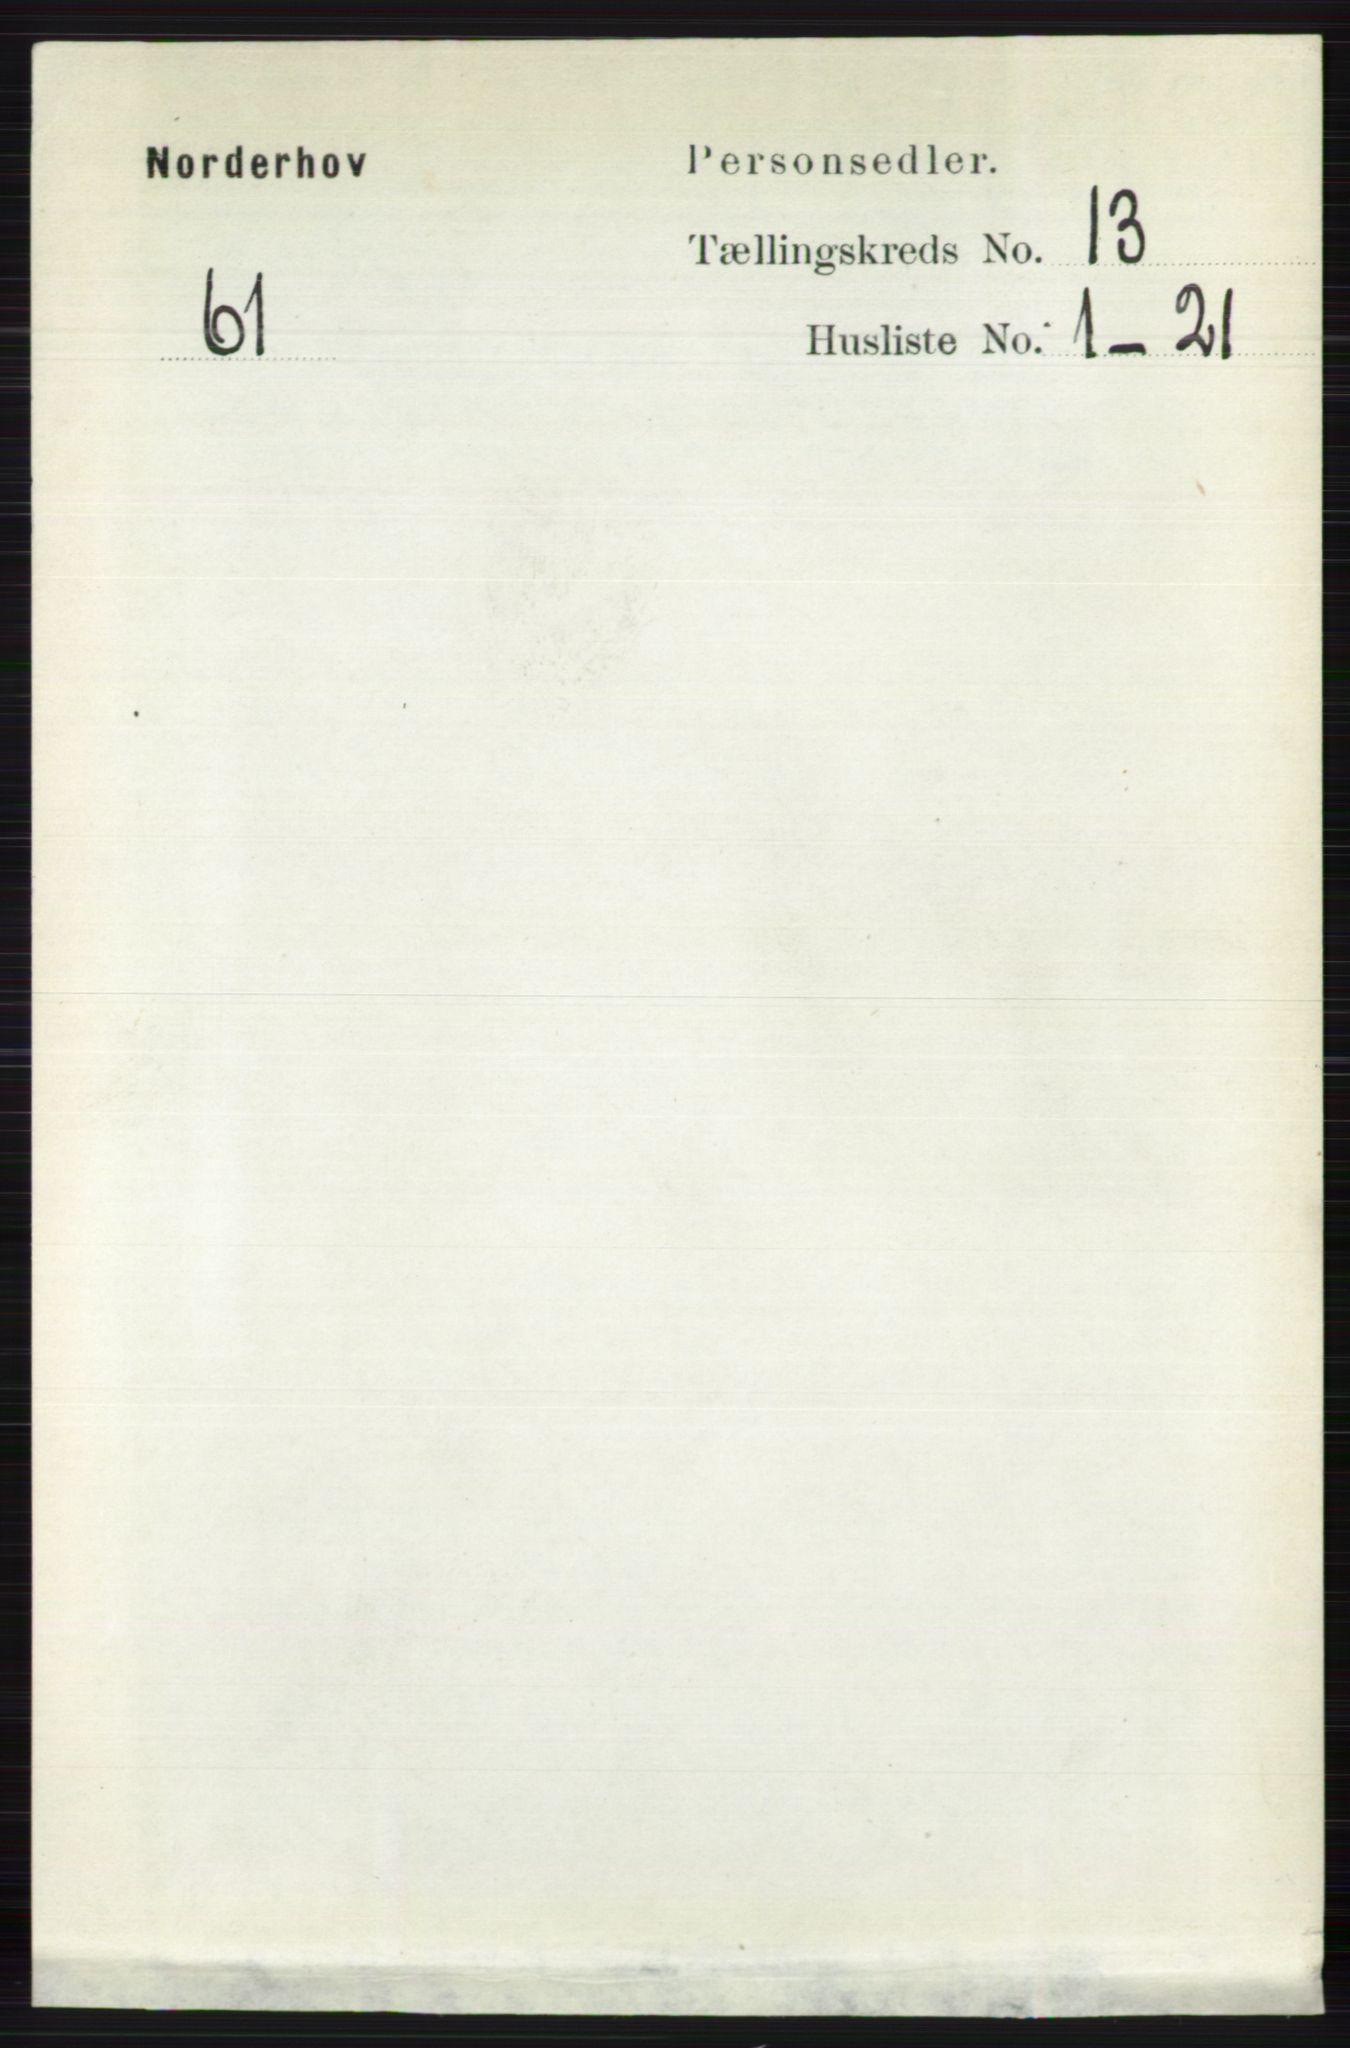 RA, Folketelling 1891 for 0613 Norderhov herred, 1891, s. 8879